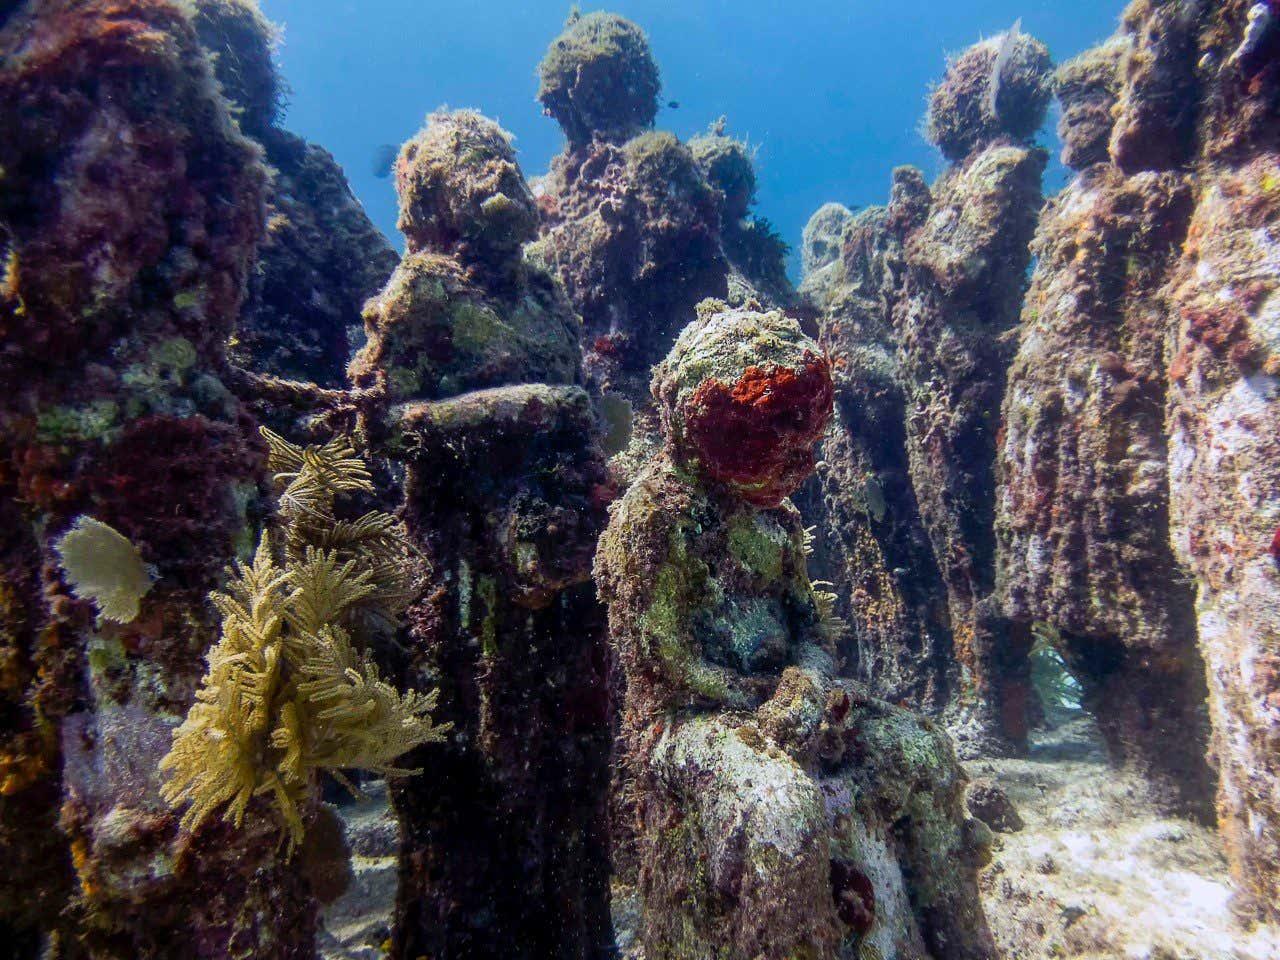 Esculturas bajo el mar en el Museo de Arte Subacuático en Cancún